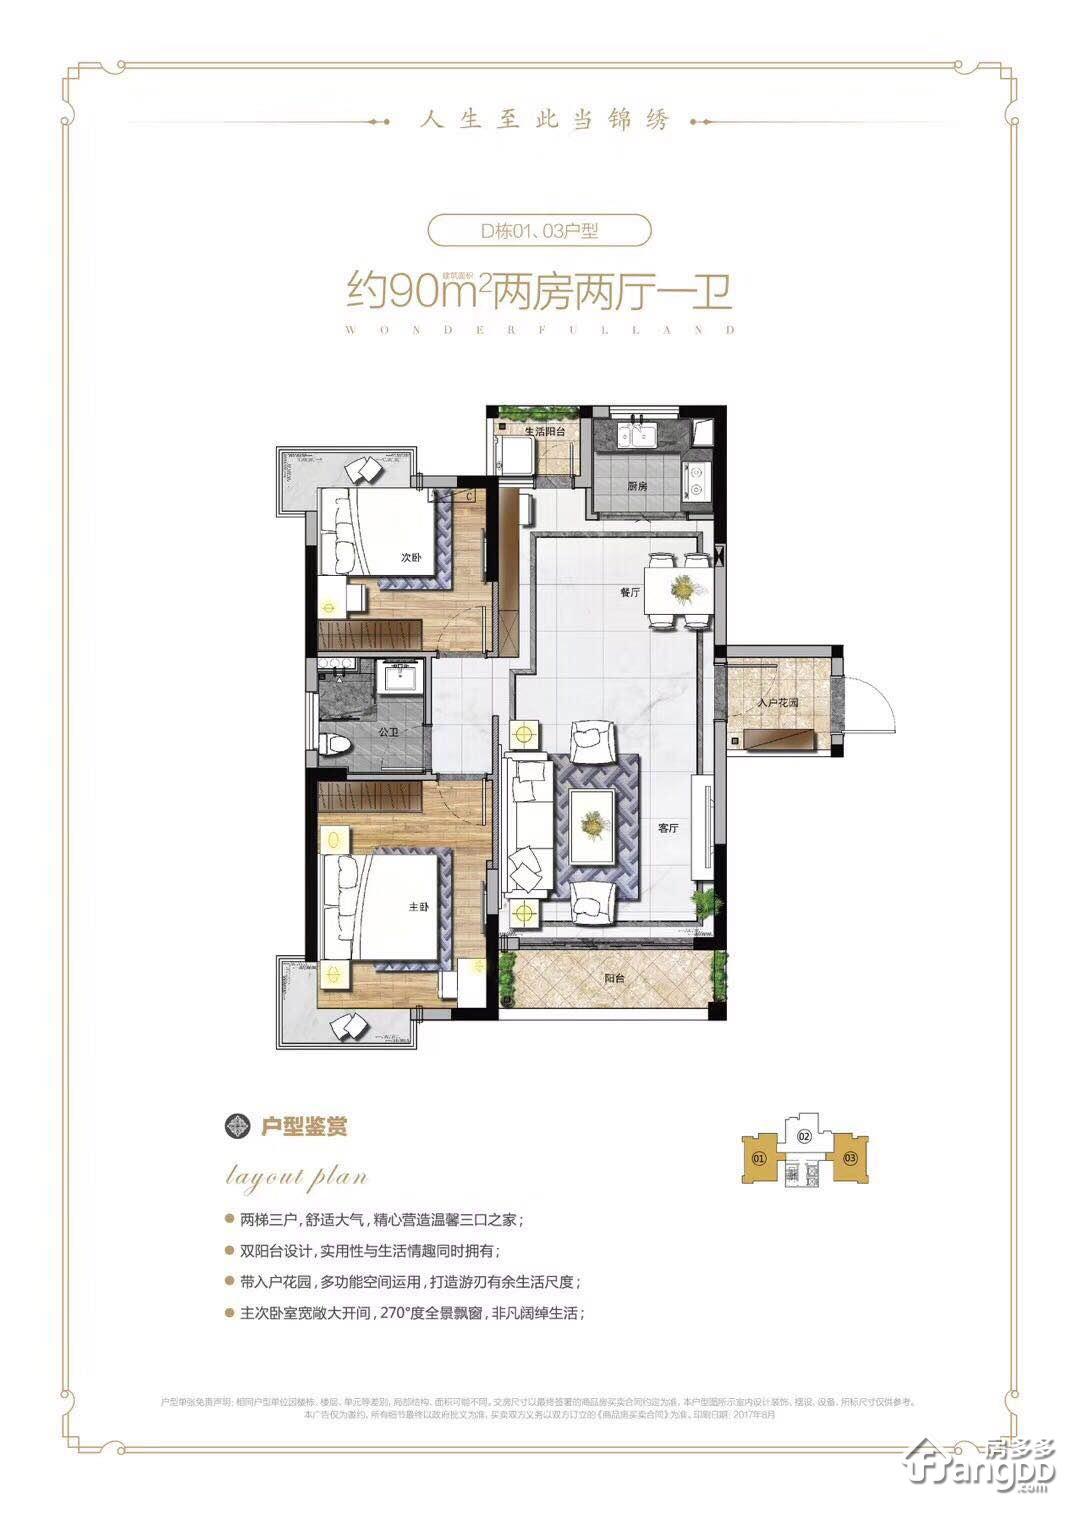 大宏锦绣2室2厅1卫户型图